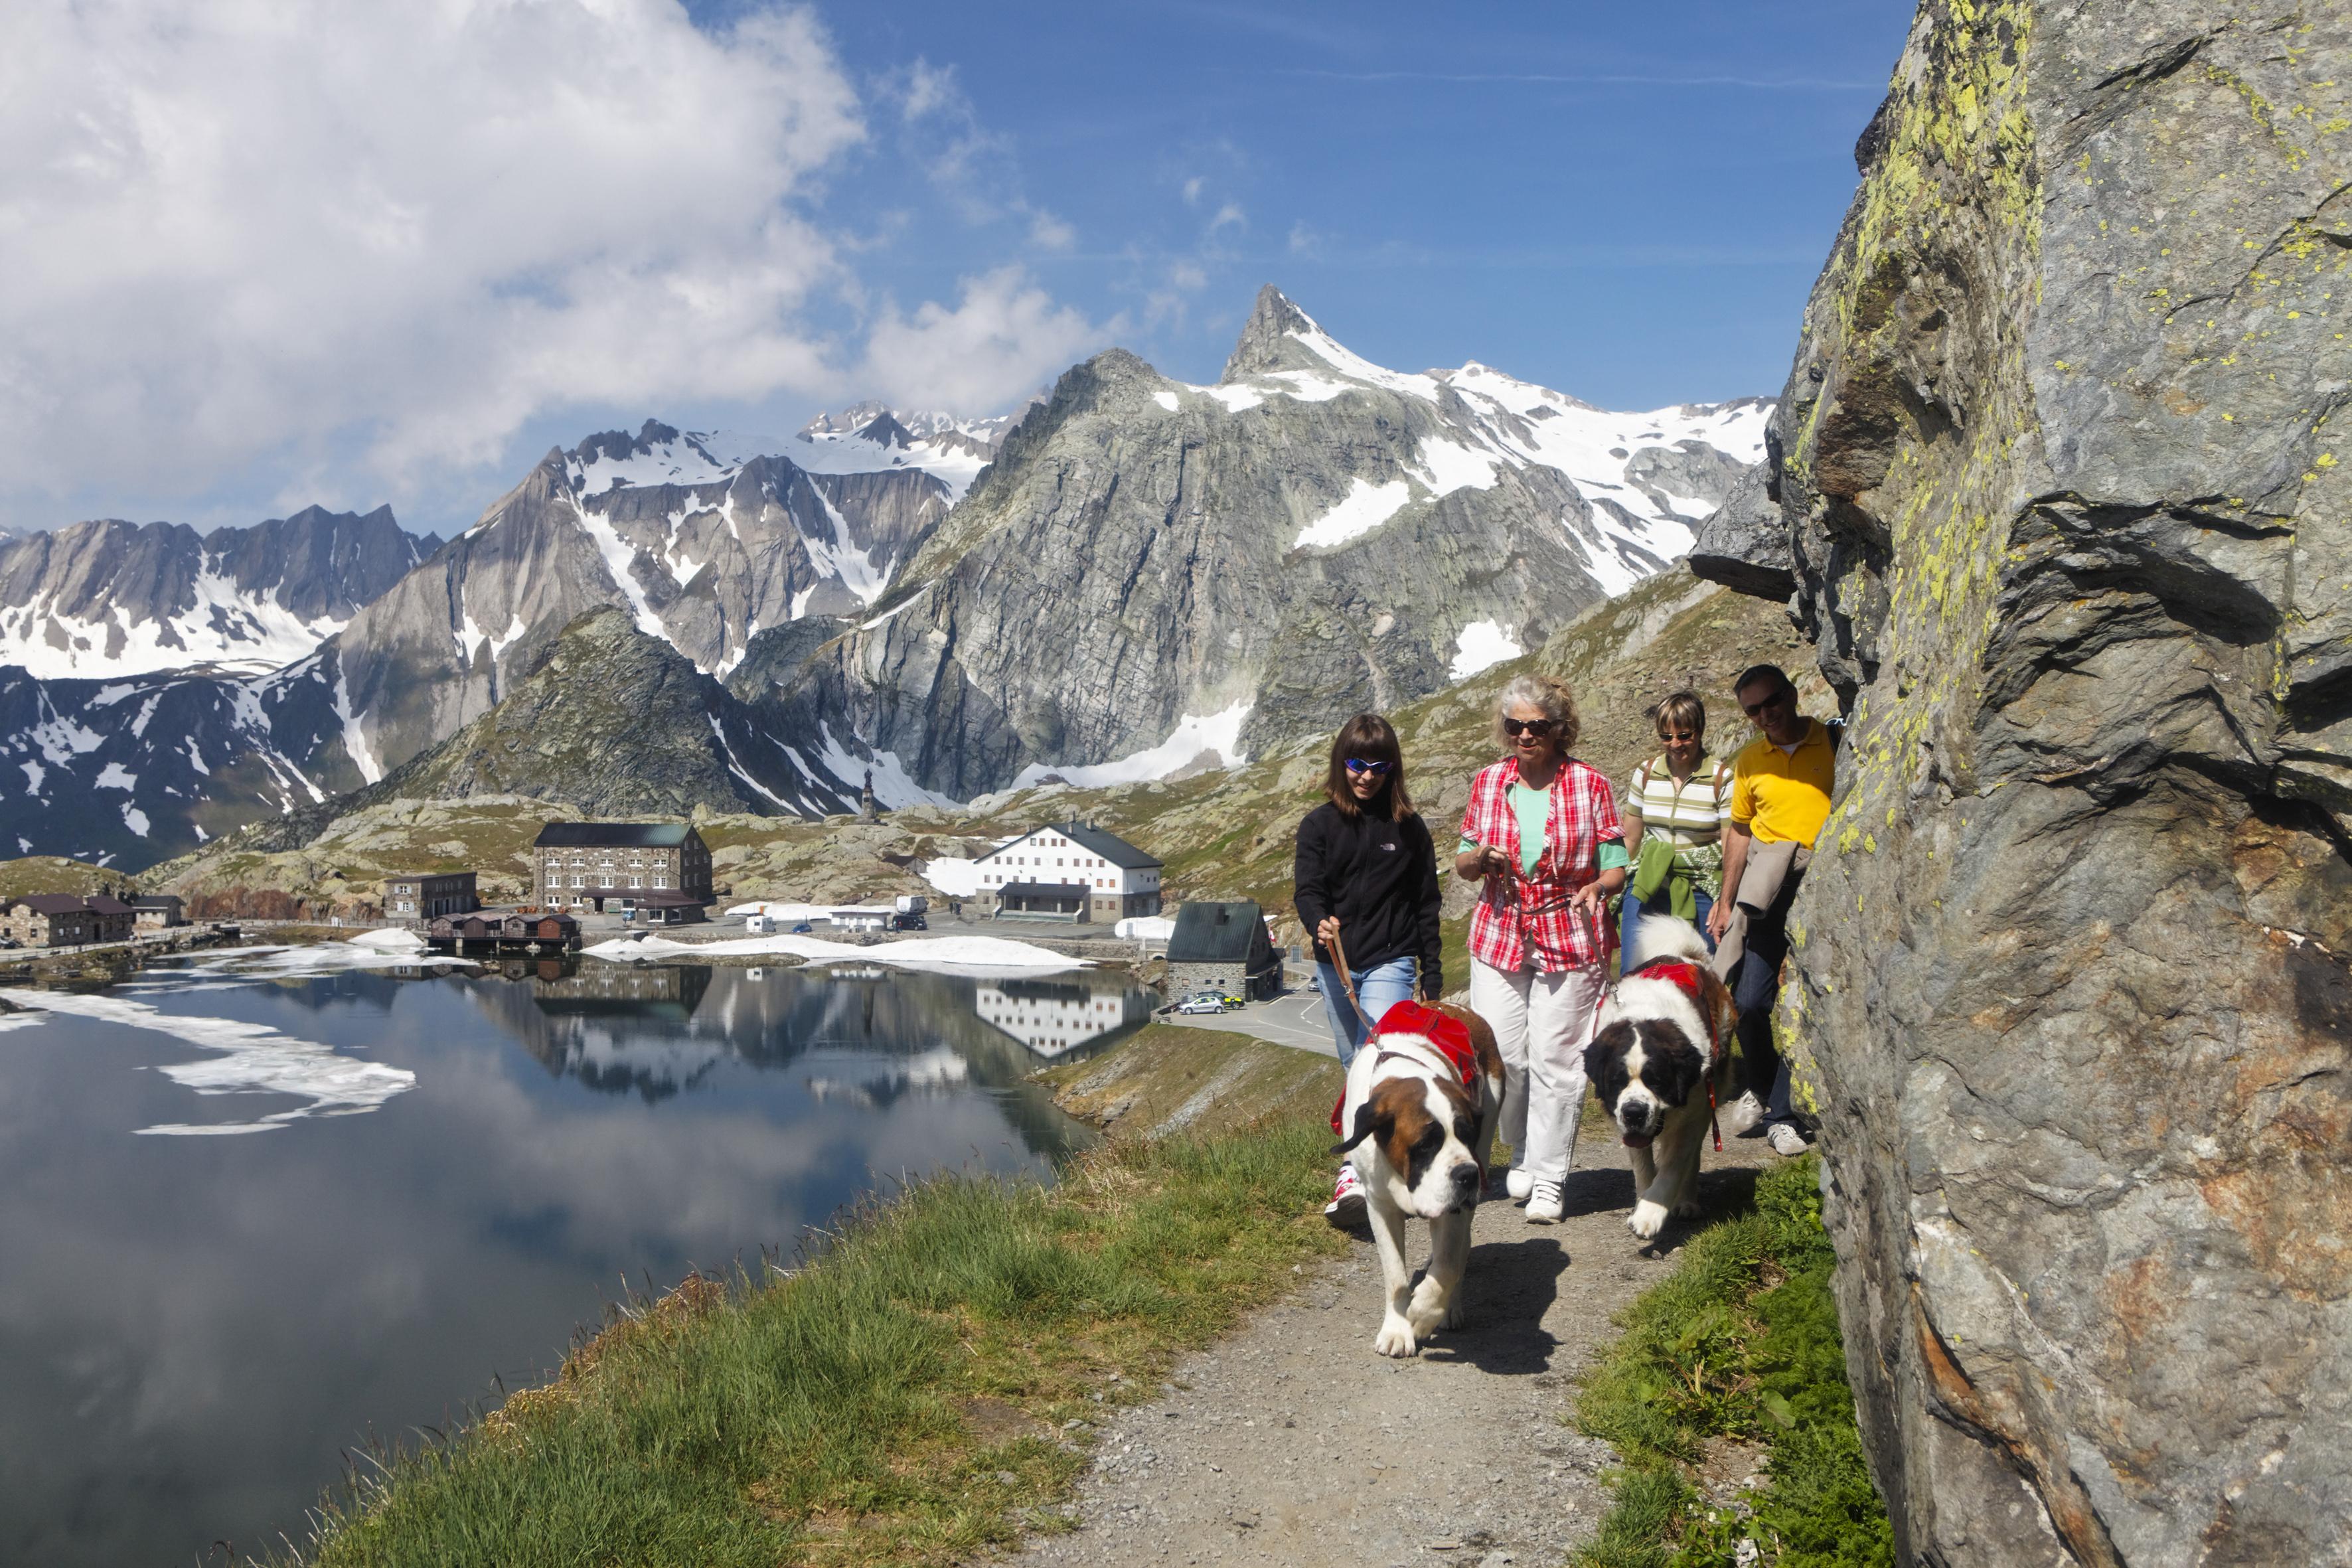 Balades insolites avec des animaux étonnants - Balade avec les chiens du Saint-Bernard en Valais